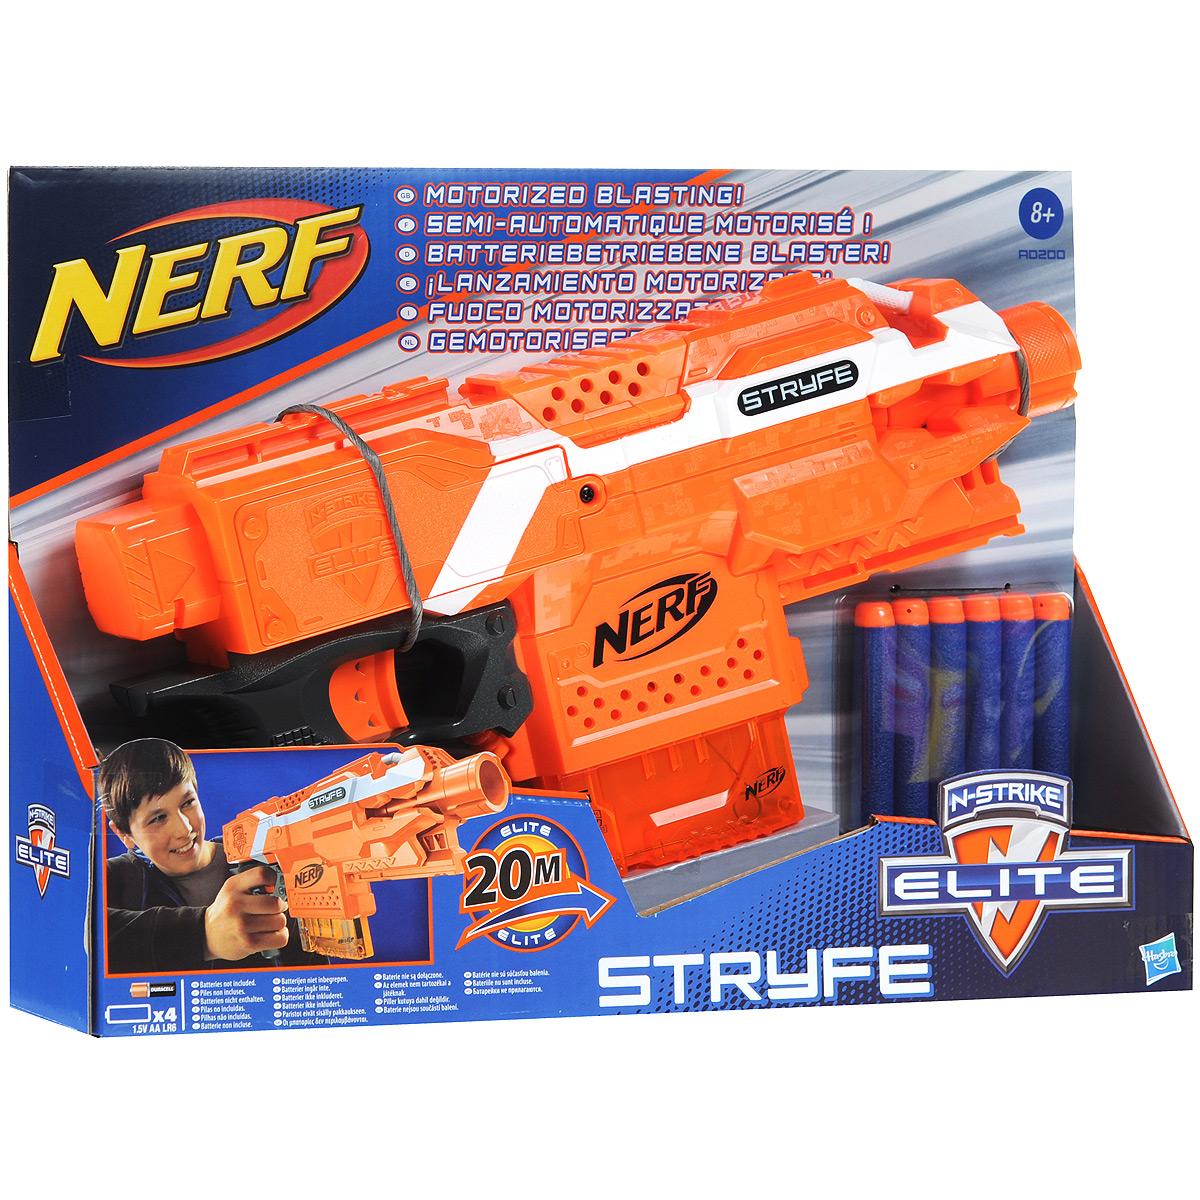 Бластер Nerf Stryfe, цвет: оранжевый, с патронами nerf бластер zombie strike slingfire с патронами цвет салатовый коричневый оранжевый